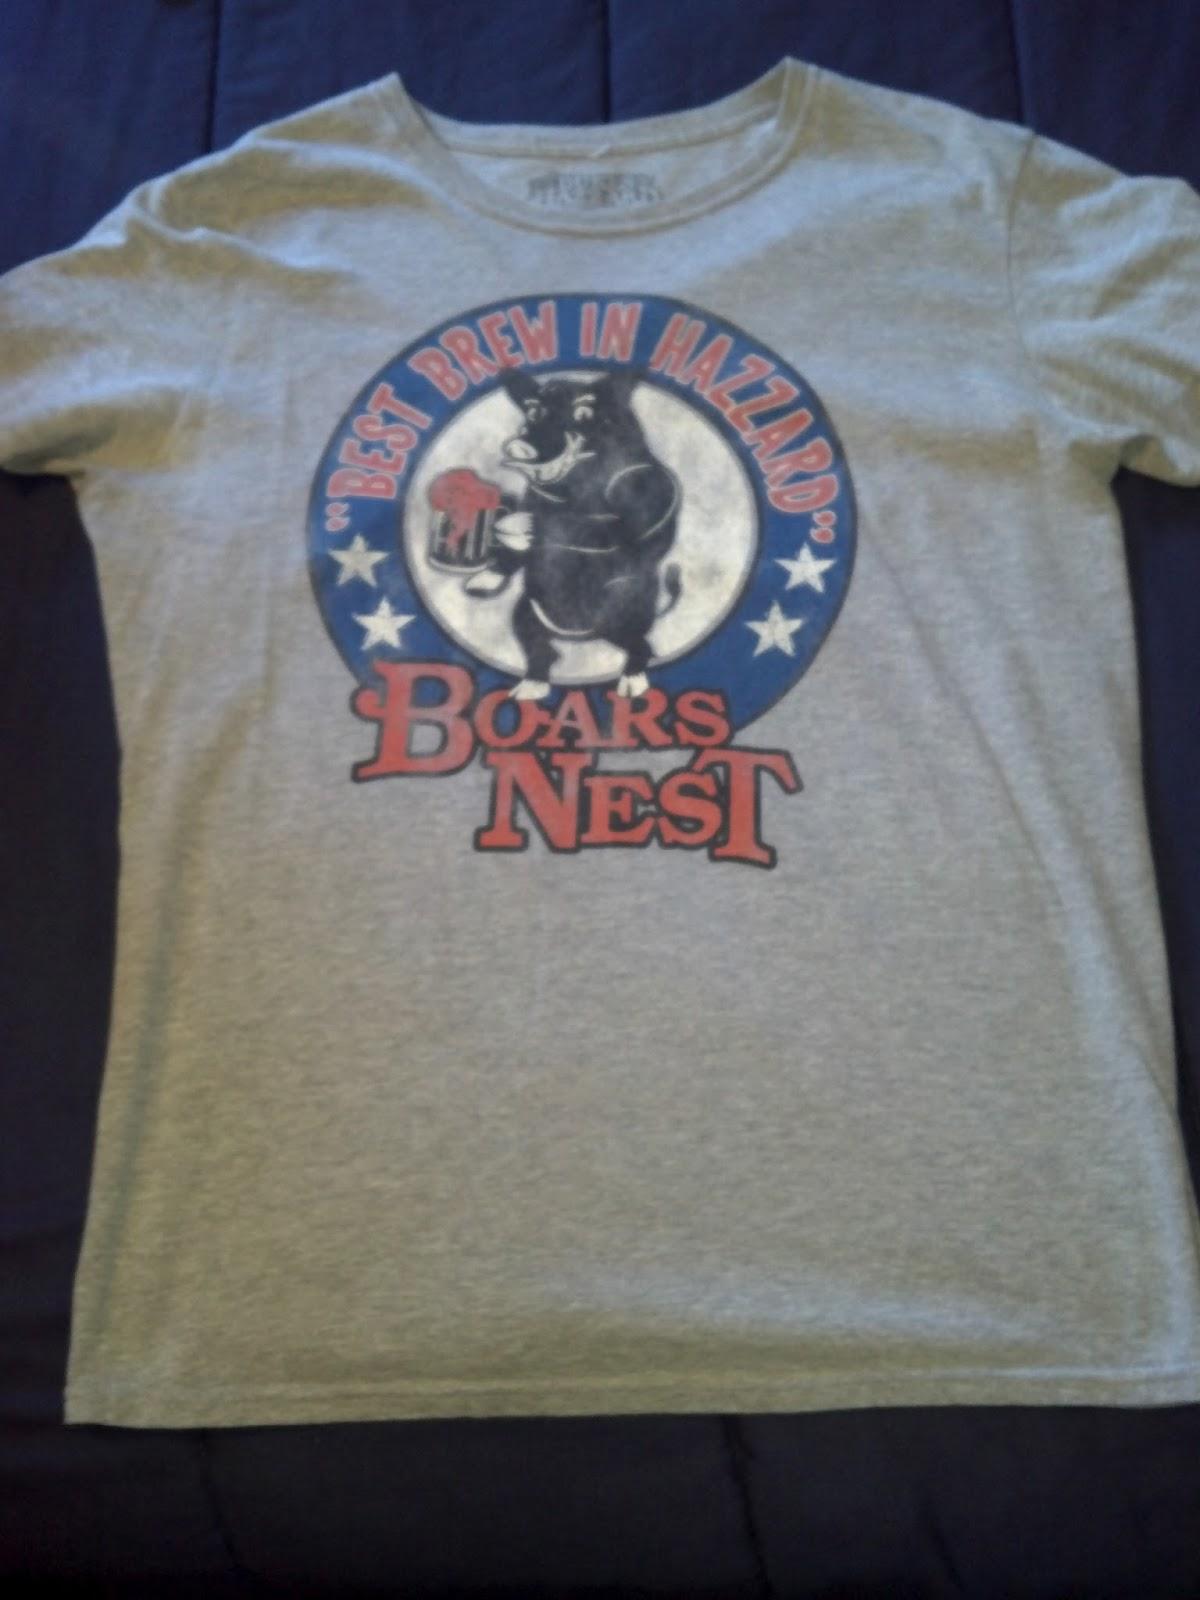 811475b3 Pga Tour Shirt Ebay - DREAMWORKS